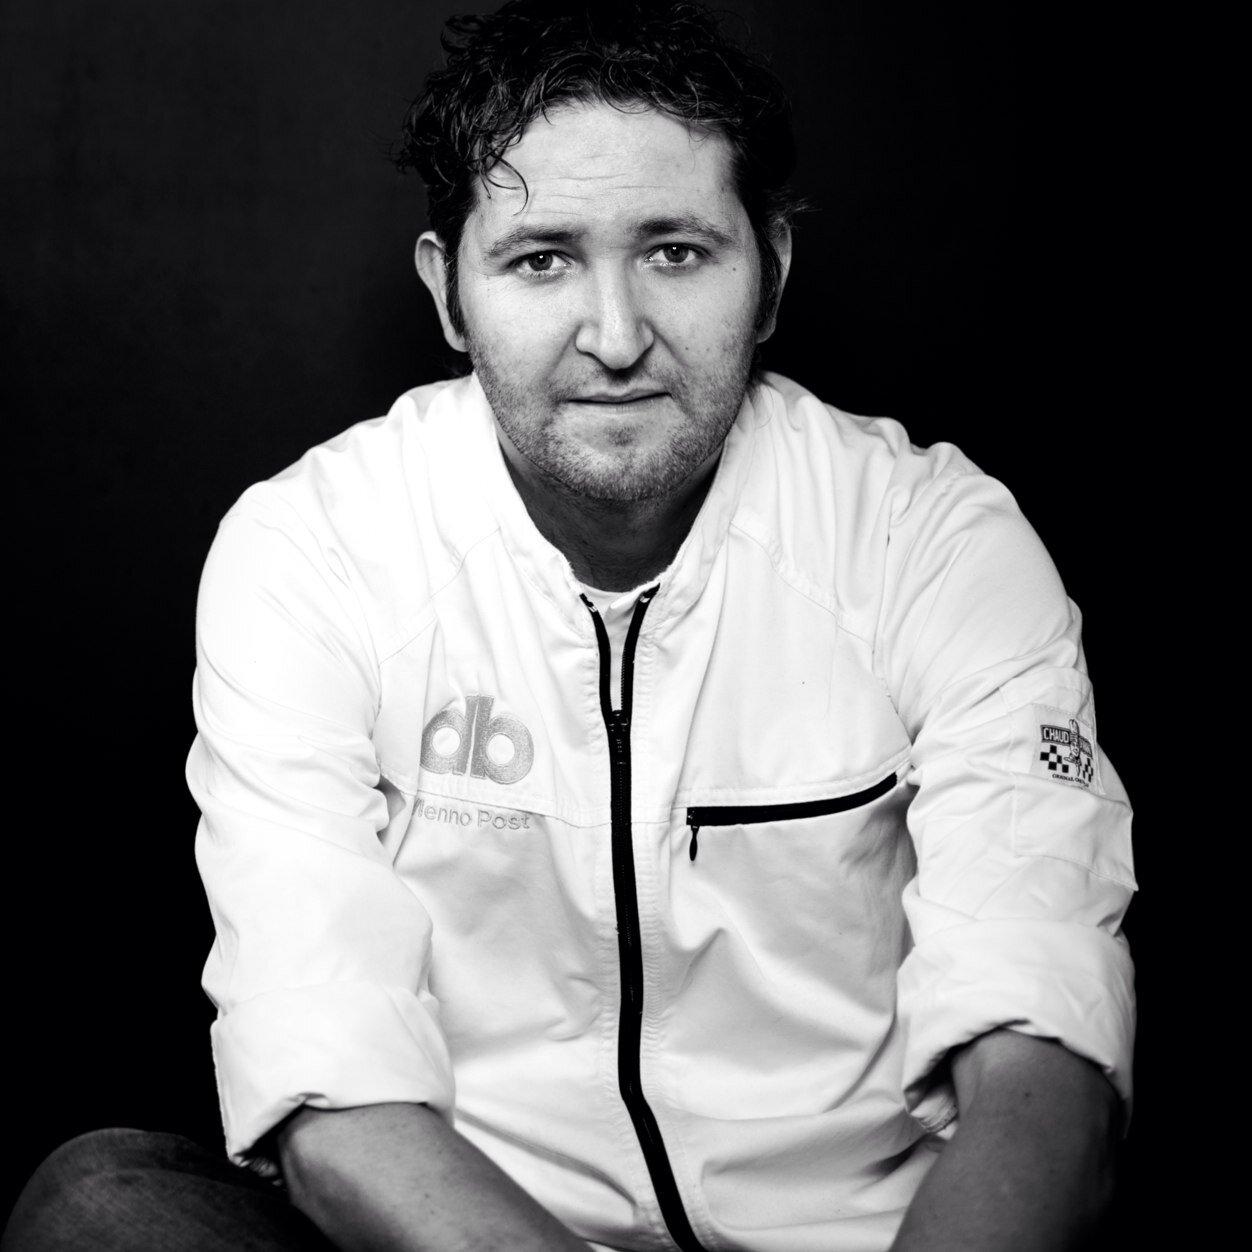 Menno Post, SVH Meesterkok & voormalig Chef de cuisine De Bokkedoorns**